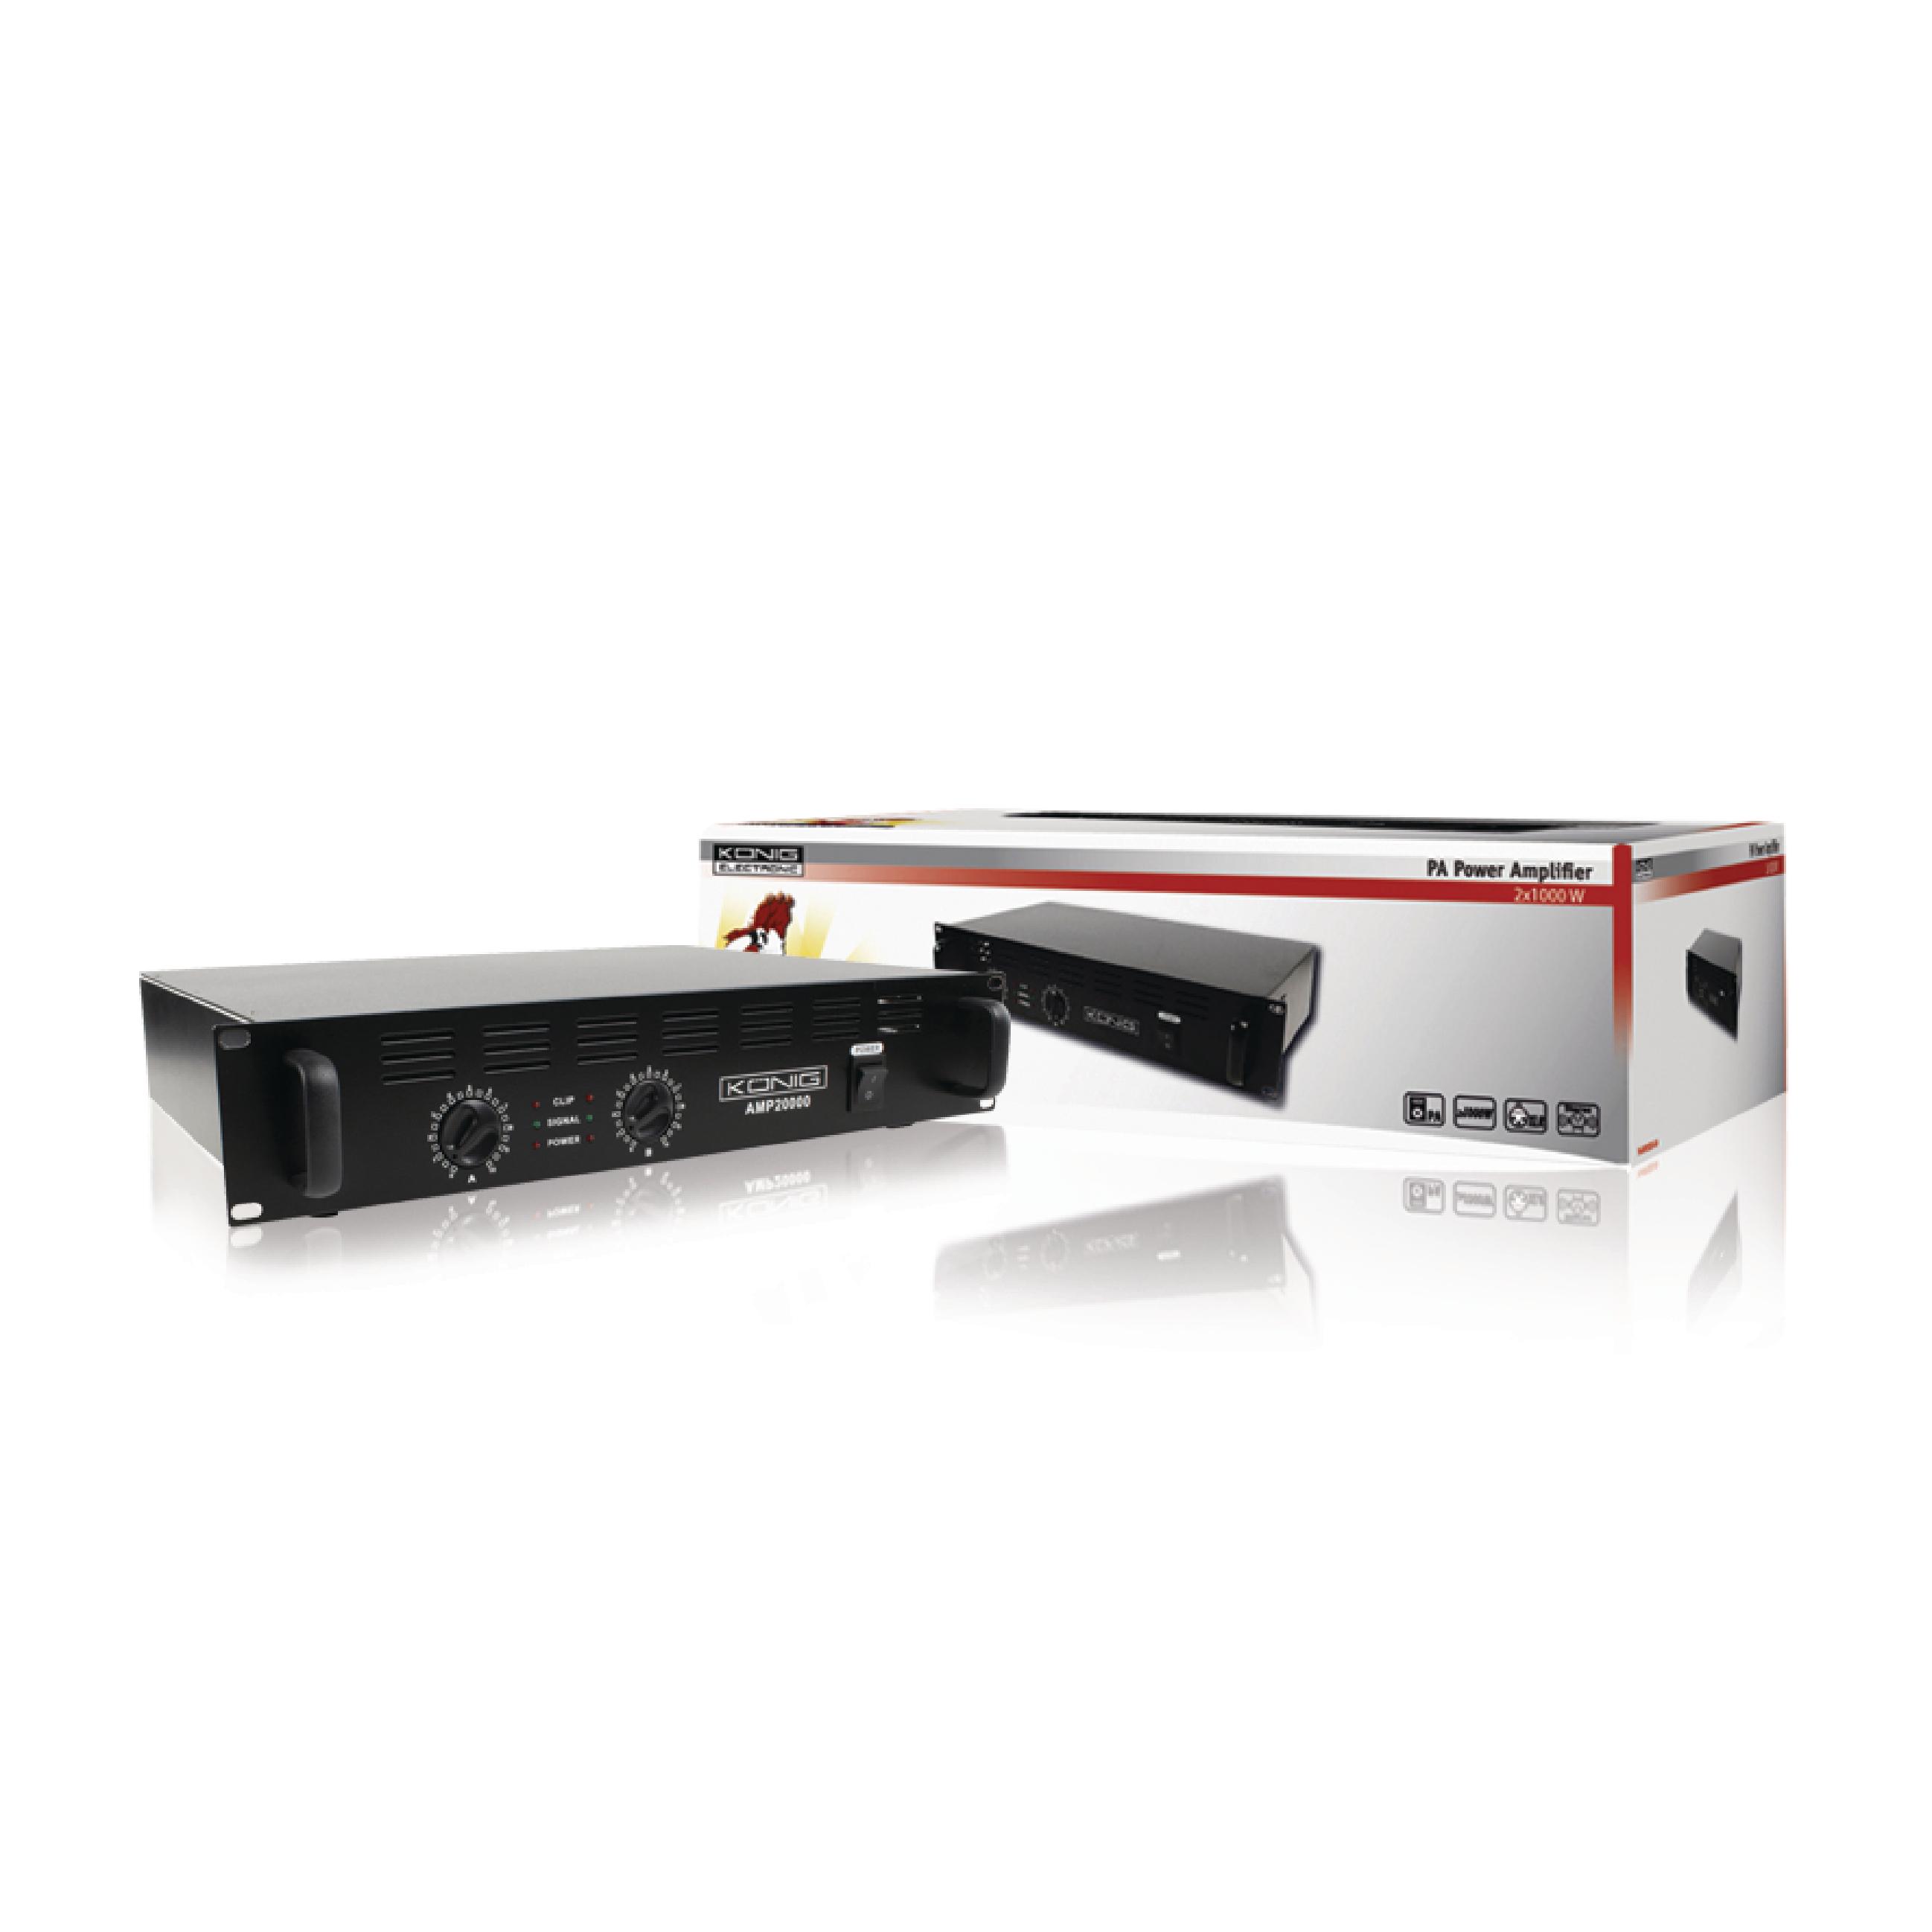 Pa Amp20000 Kn Knig Amplifier 2000 W Electronic Discountbe Power Watt